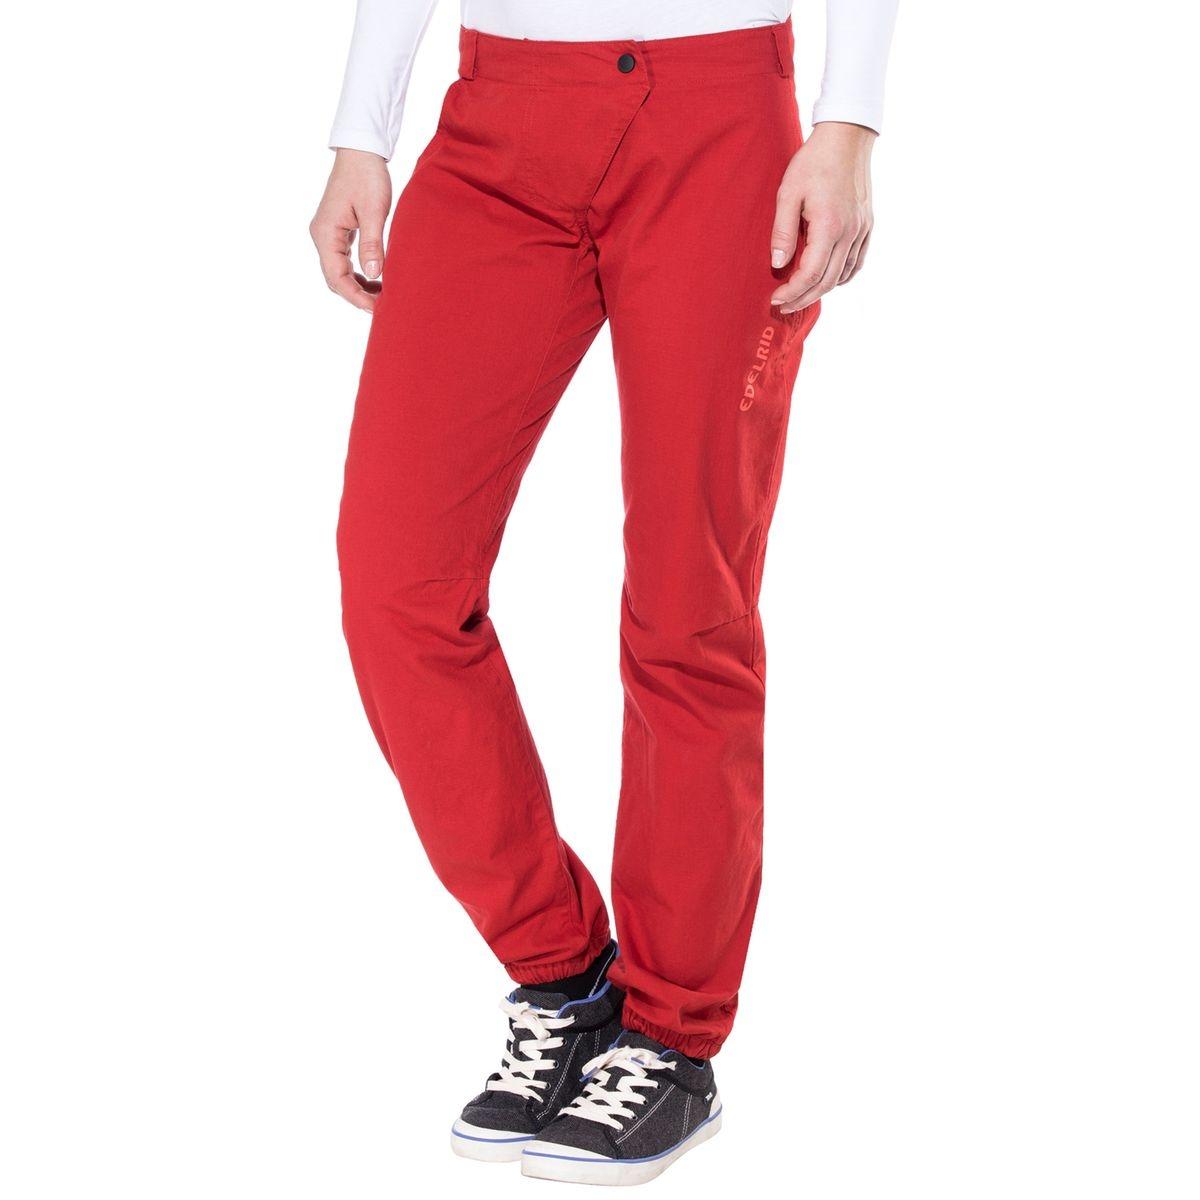 Rope Rider - Pantalon Femme - rouge